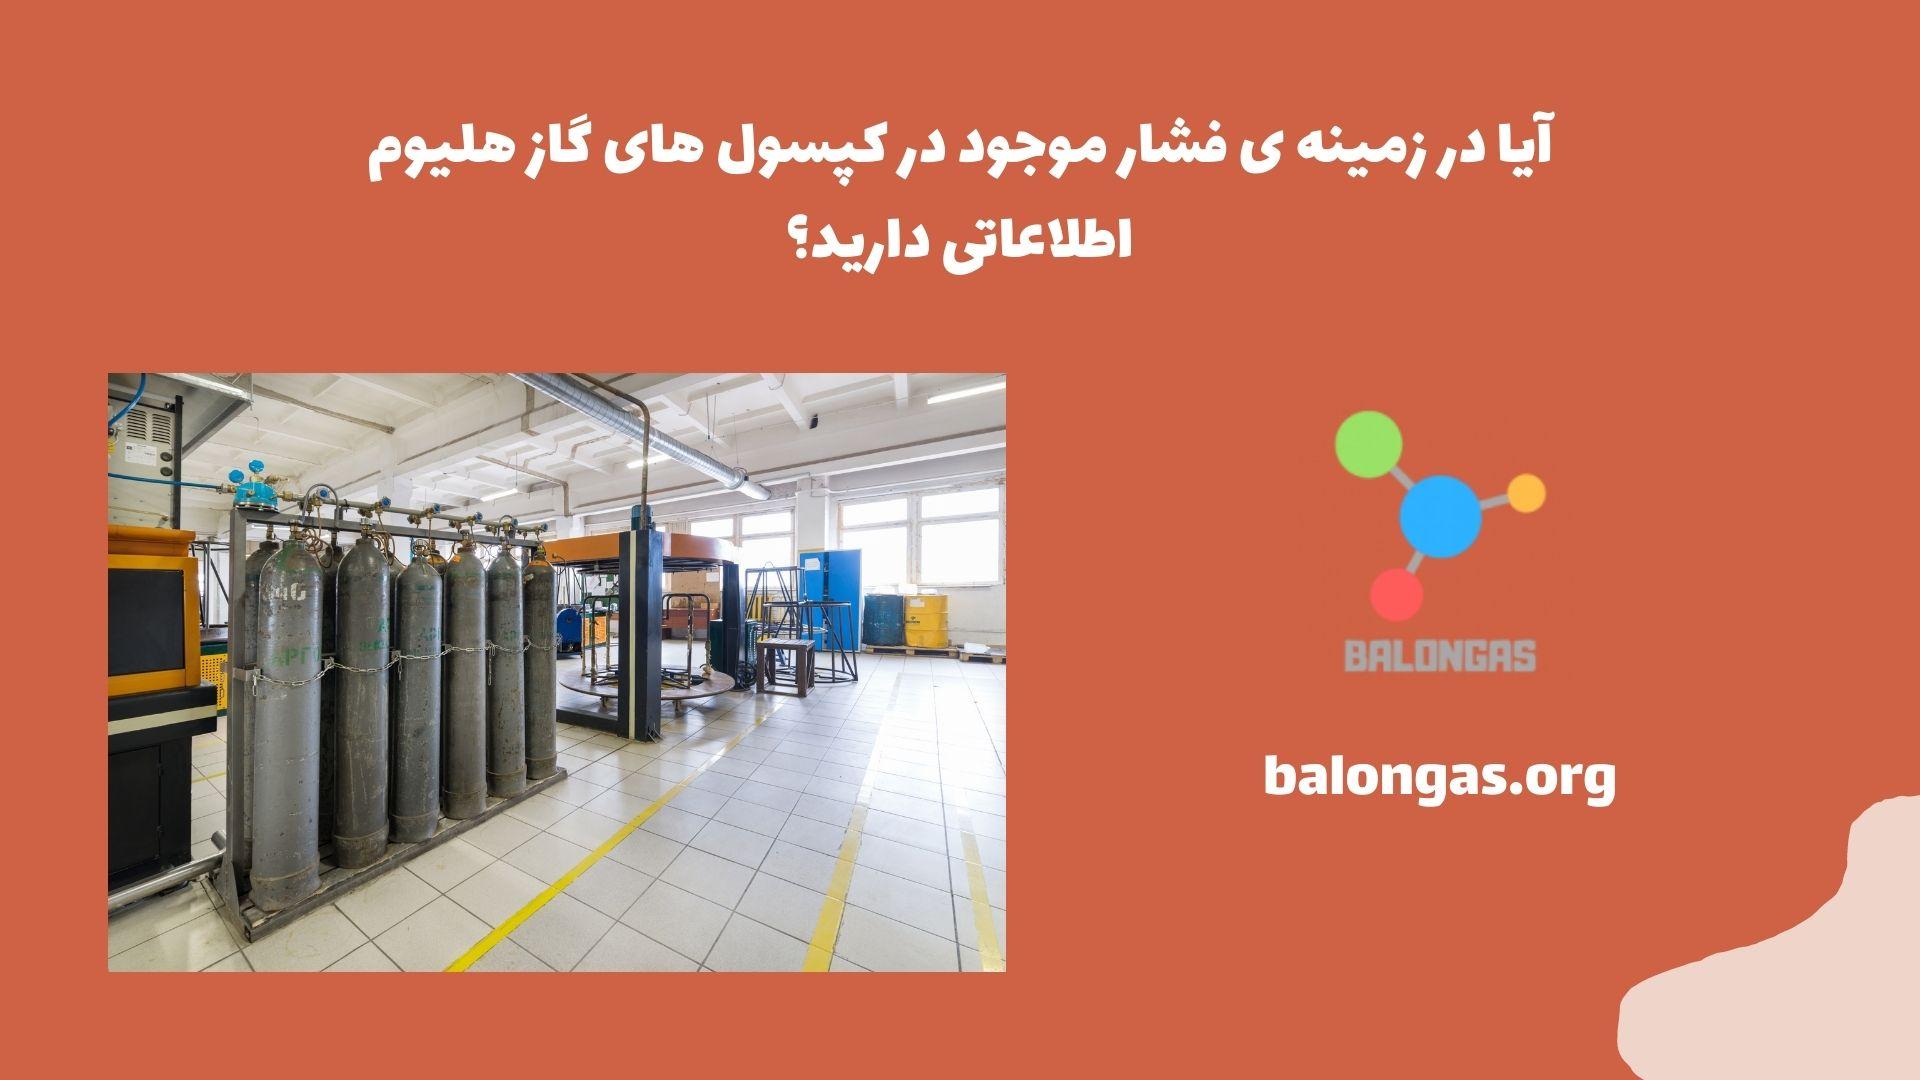 آیا در زمینه ی فشار موجود در کپسول های گاز هلیوم اطلاعاتی دارید؟